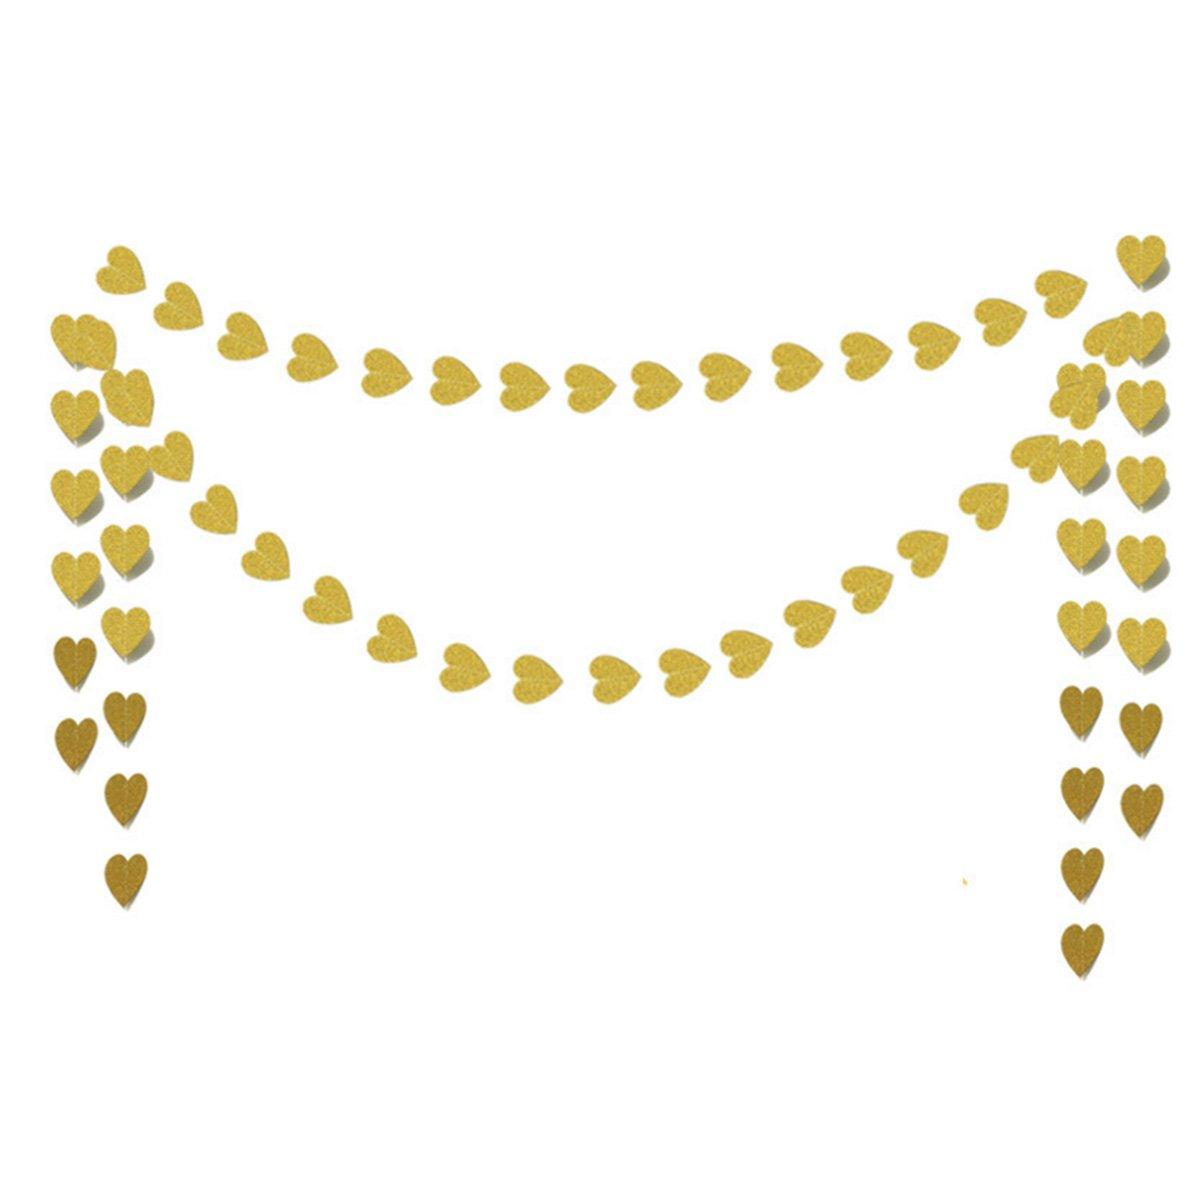 10フィートペーパーハートガーランド、Hearts Hanging Decorations、ウェディング、ベビーシャワー、クリスマス装飾、パーティー小道具(ゴールドグリッター) B077M27V64